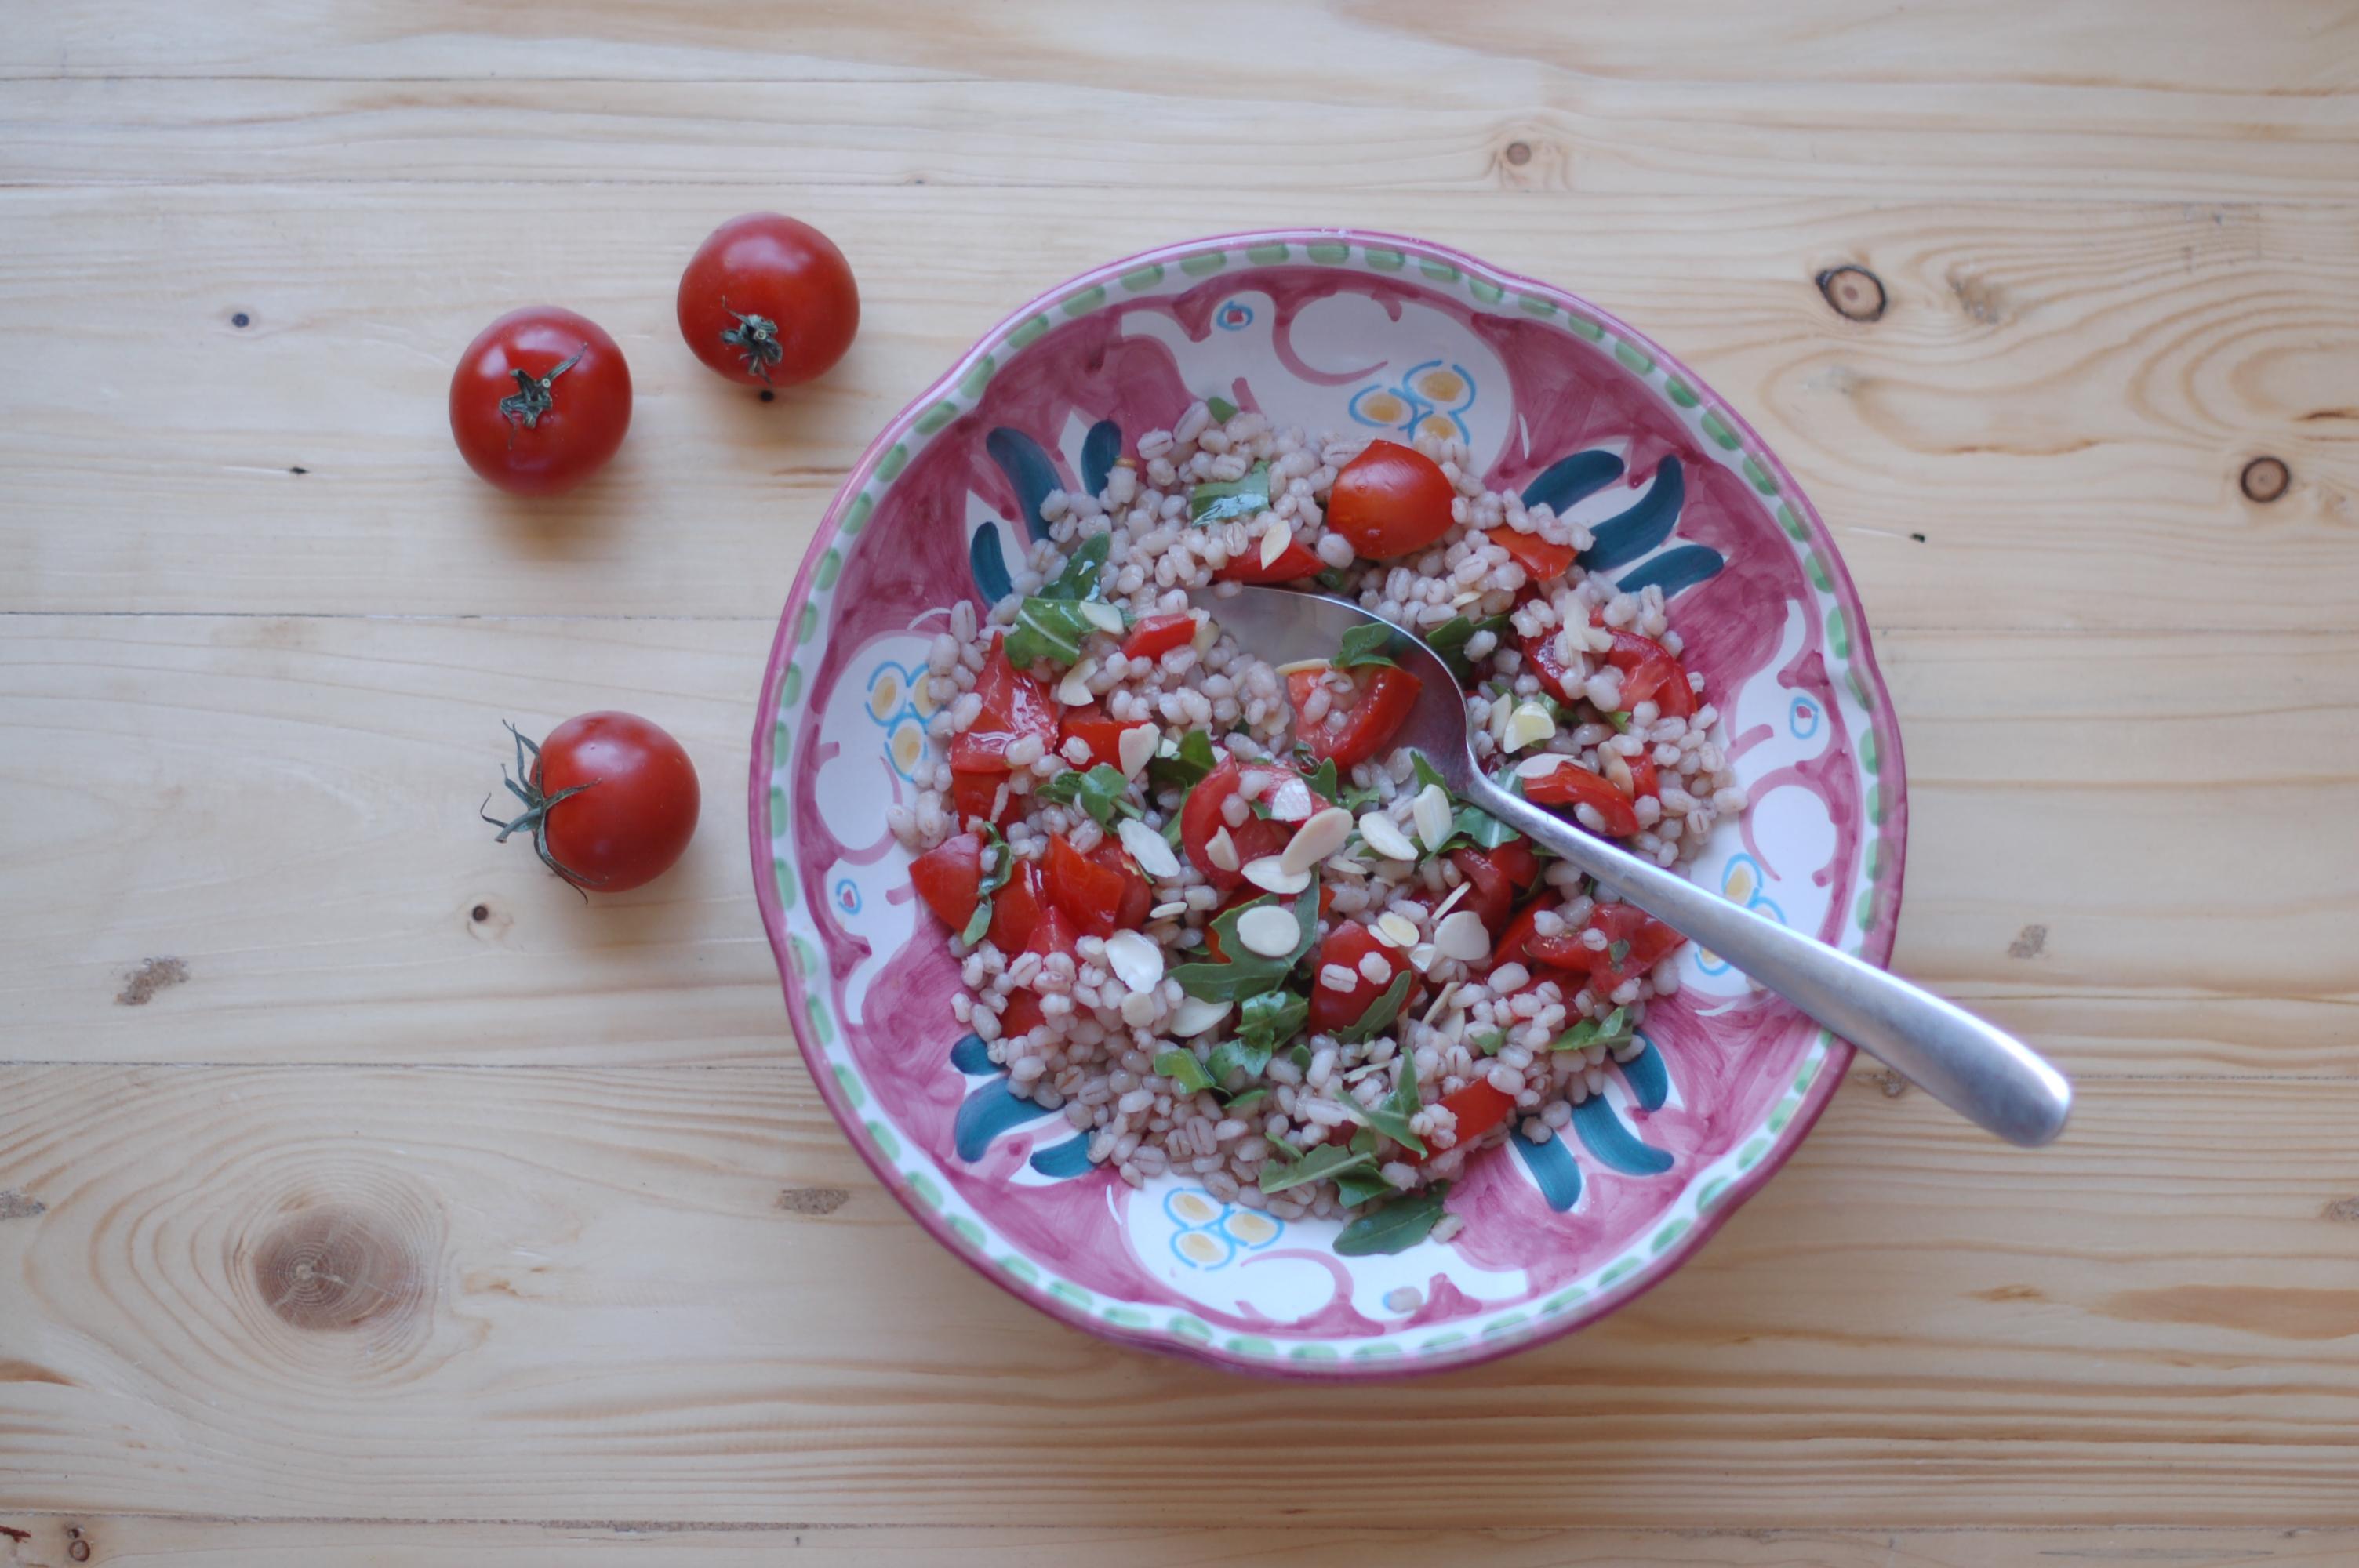 Insalata di orzo con pomodorini, rucola e mandorle